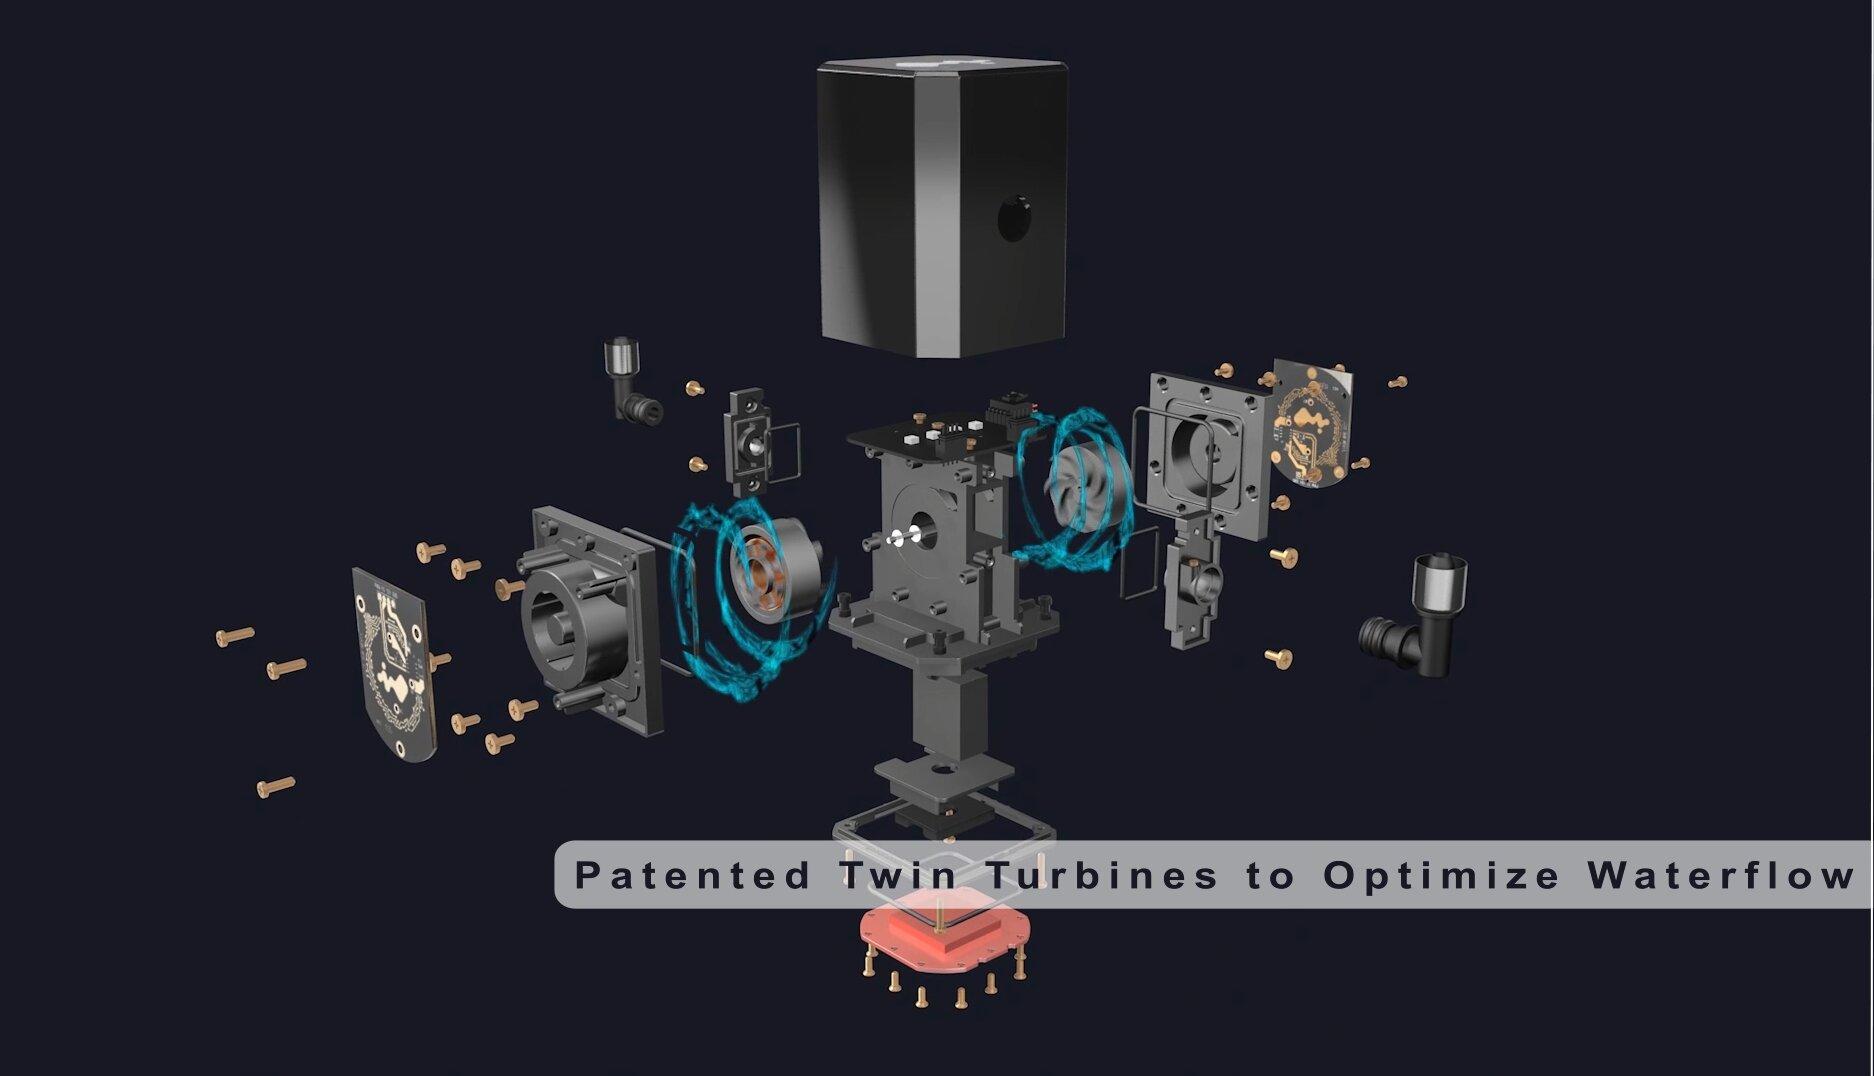 In Win SR24 - AiO-Kompaktwasserkühlung mit zwei Turbinen in der Pumpeneinheit